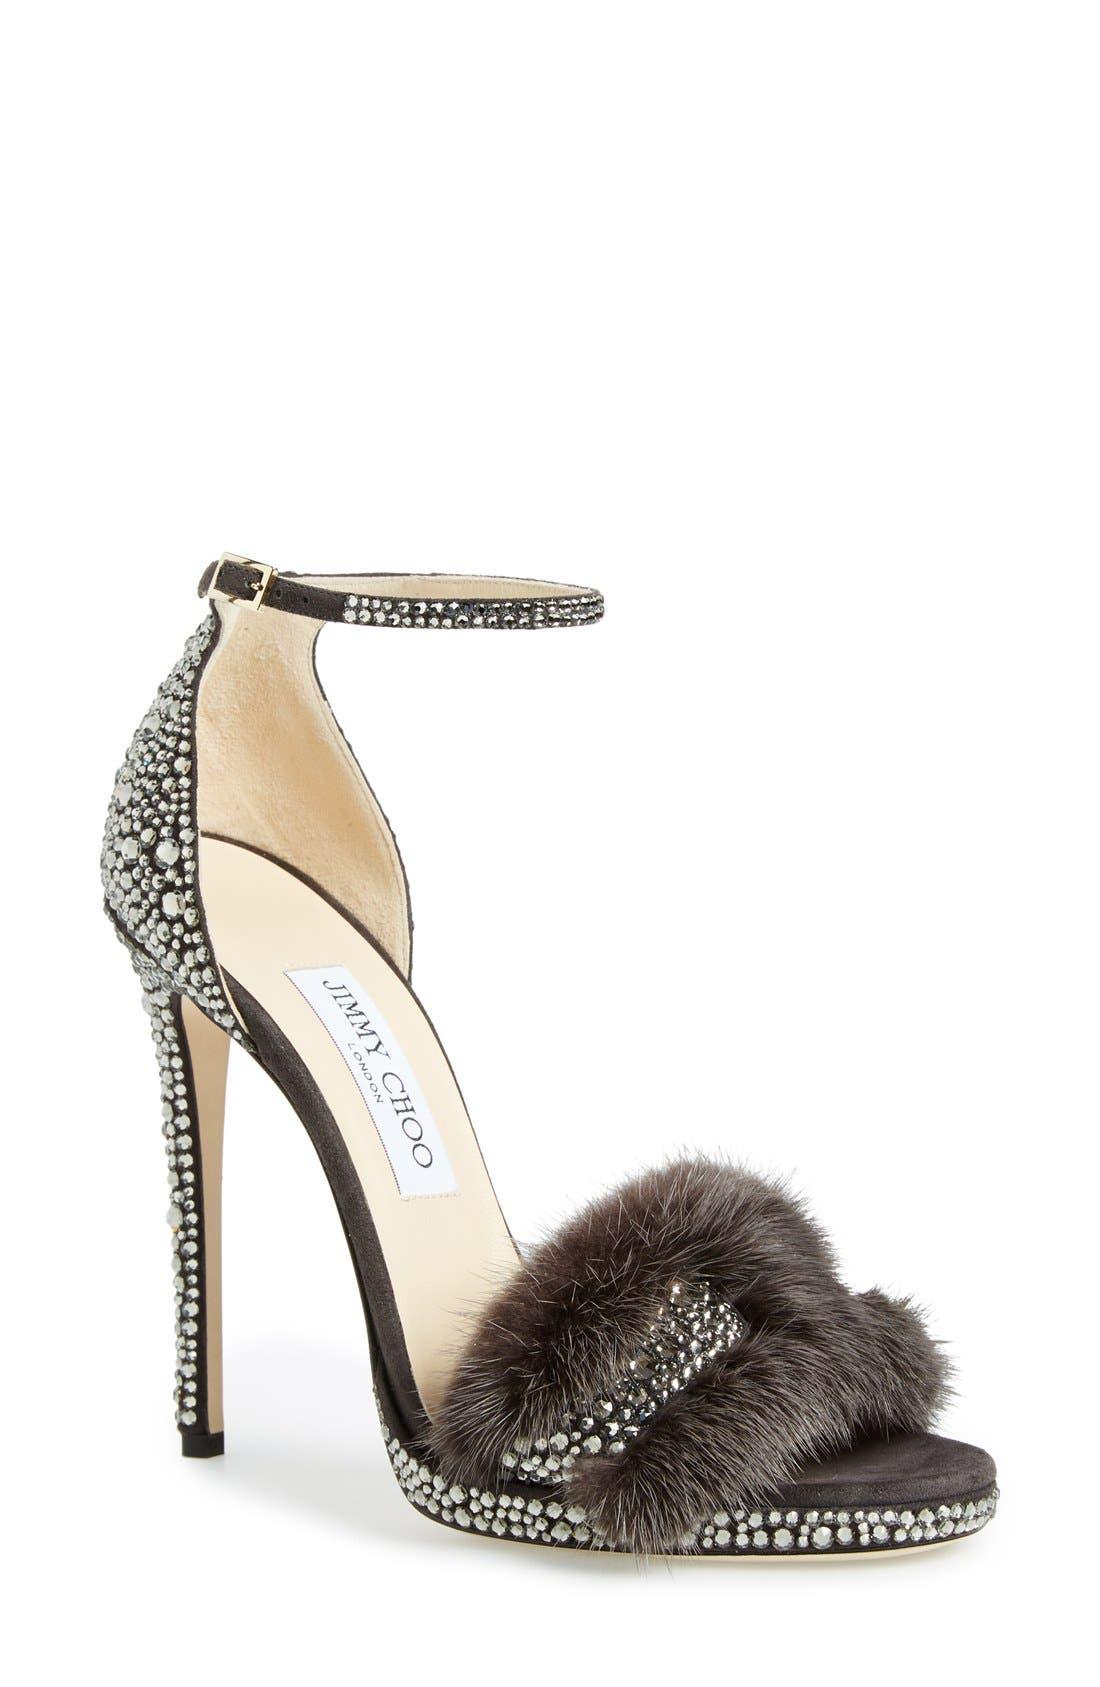 JIMMY CHOO 'Kaylee' Genuine Mink Fur Sandal, Main, color, 025